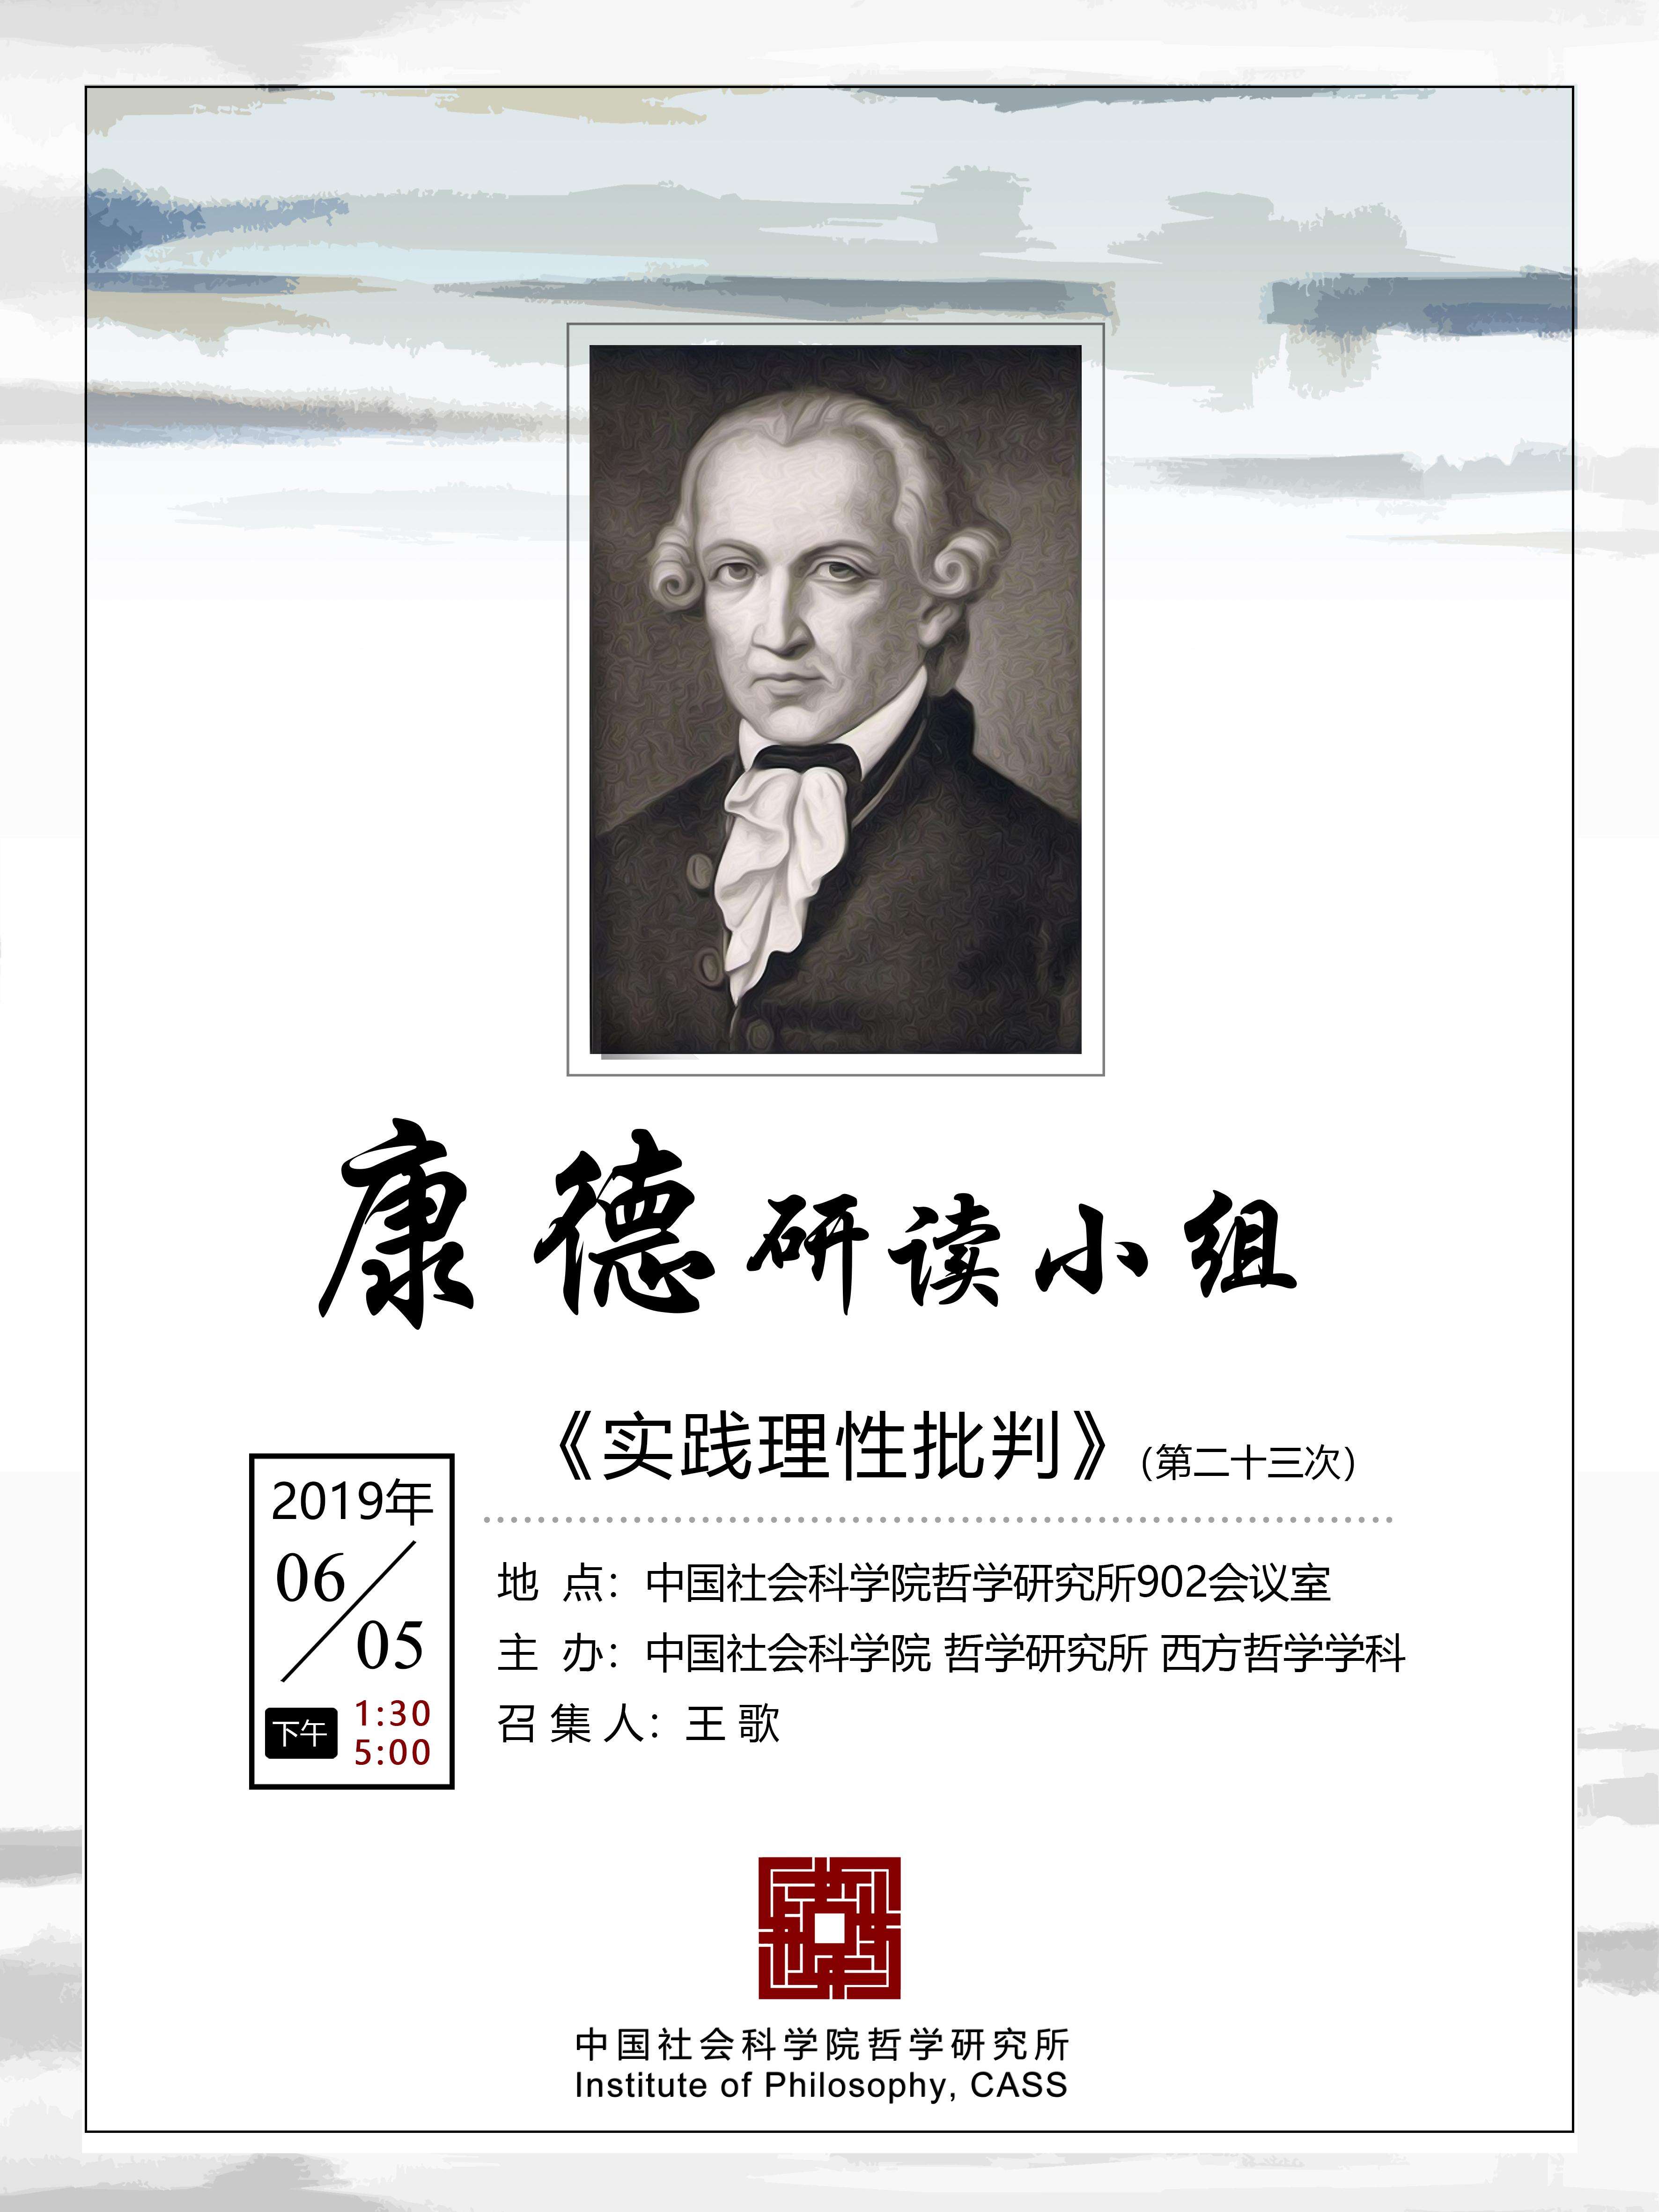 日本哲学会加藤泰史会长与康德哲学研读会的交流